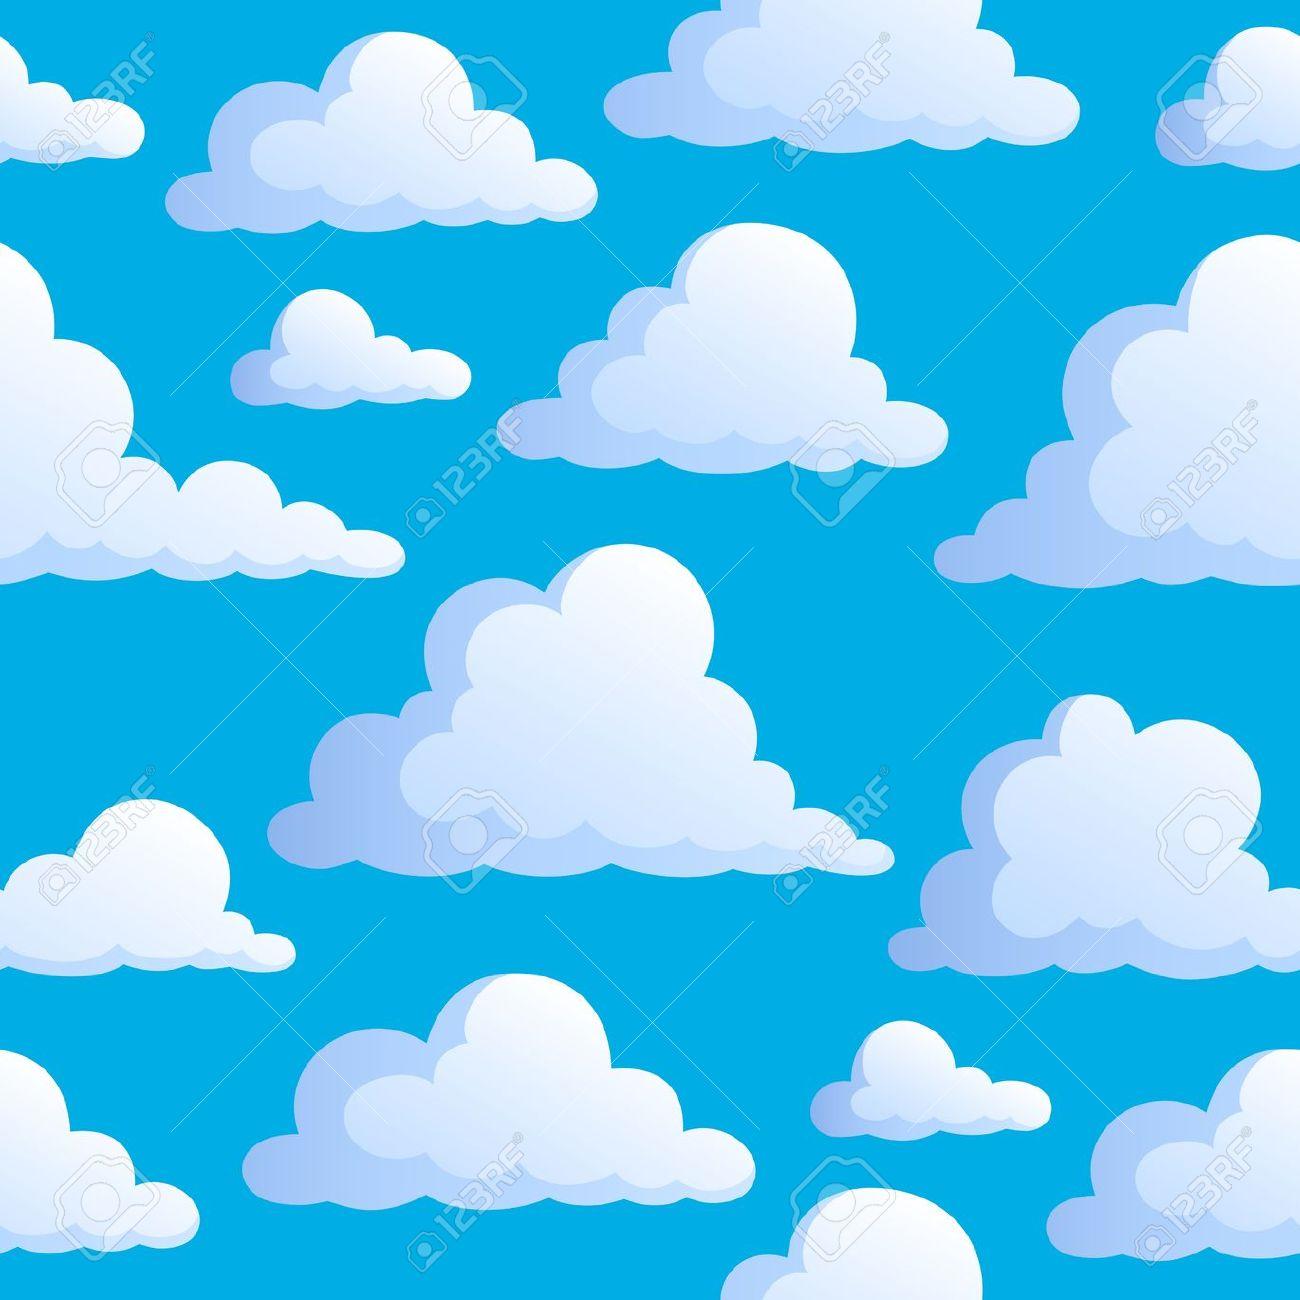 cloud wallpaper clip art - photo #2